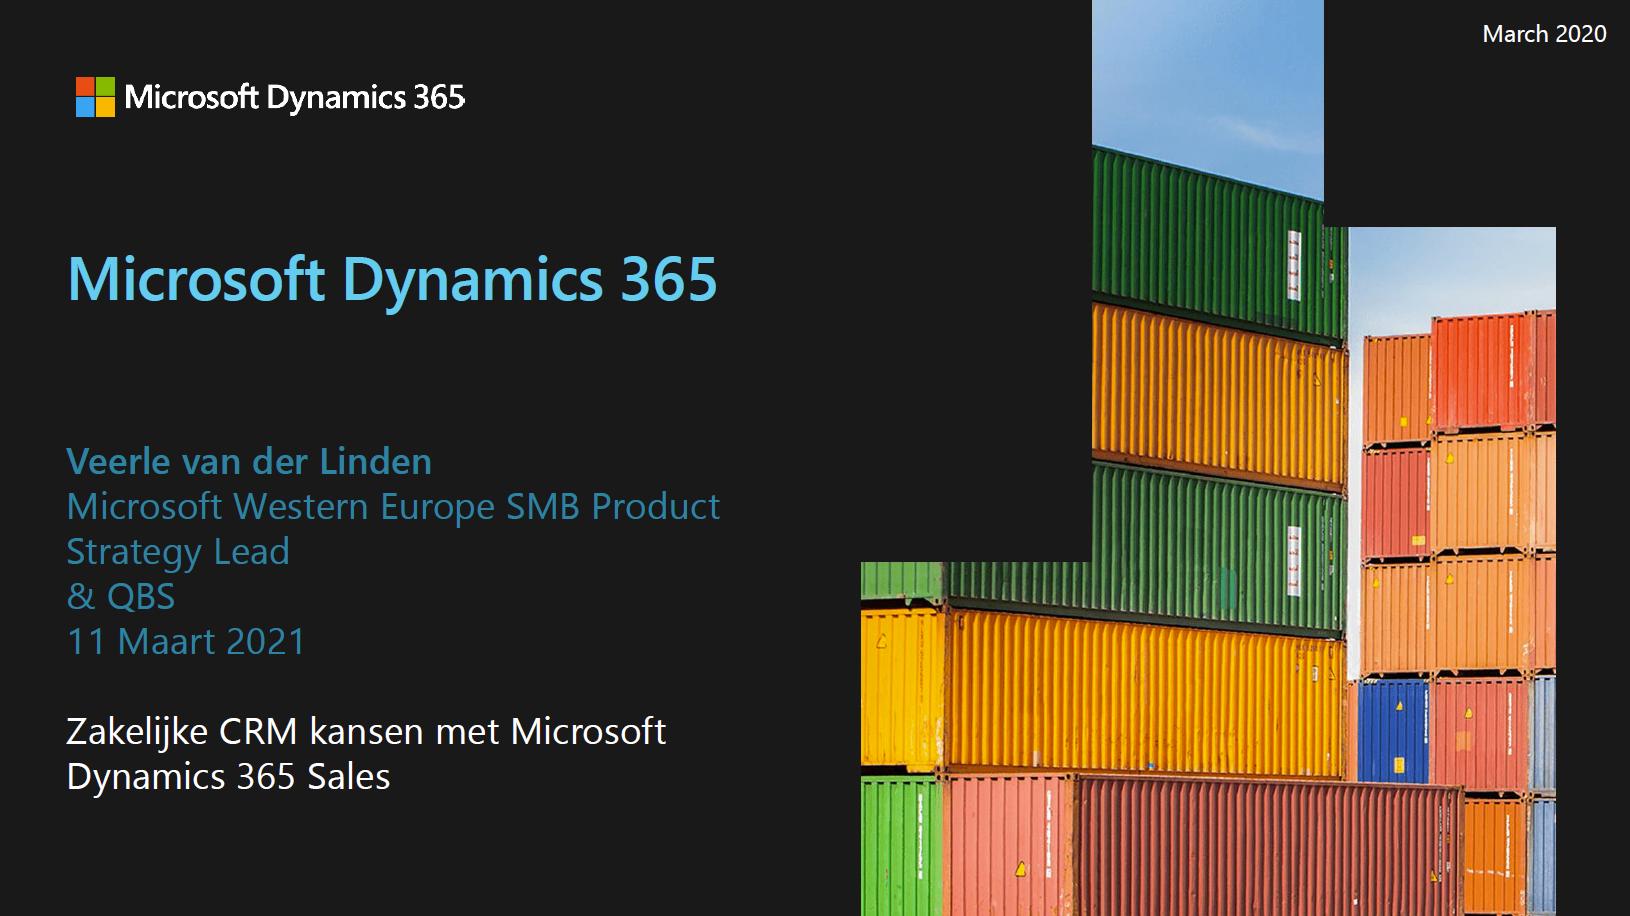 Waar Liggen Voor U Als ICT Partner De Zakelijke CRM Kansen Met Microsoft Dynamics 365 Sales